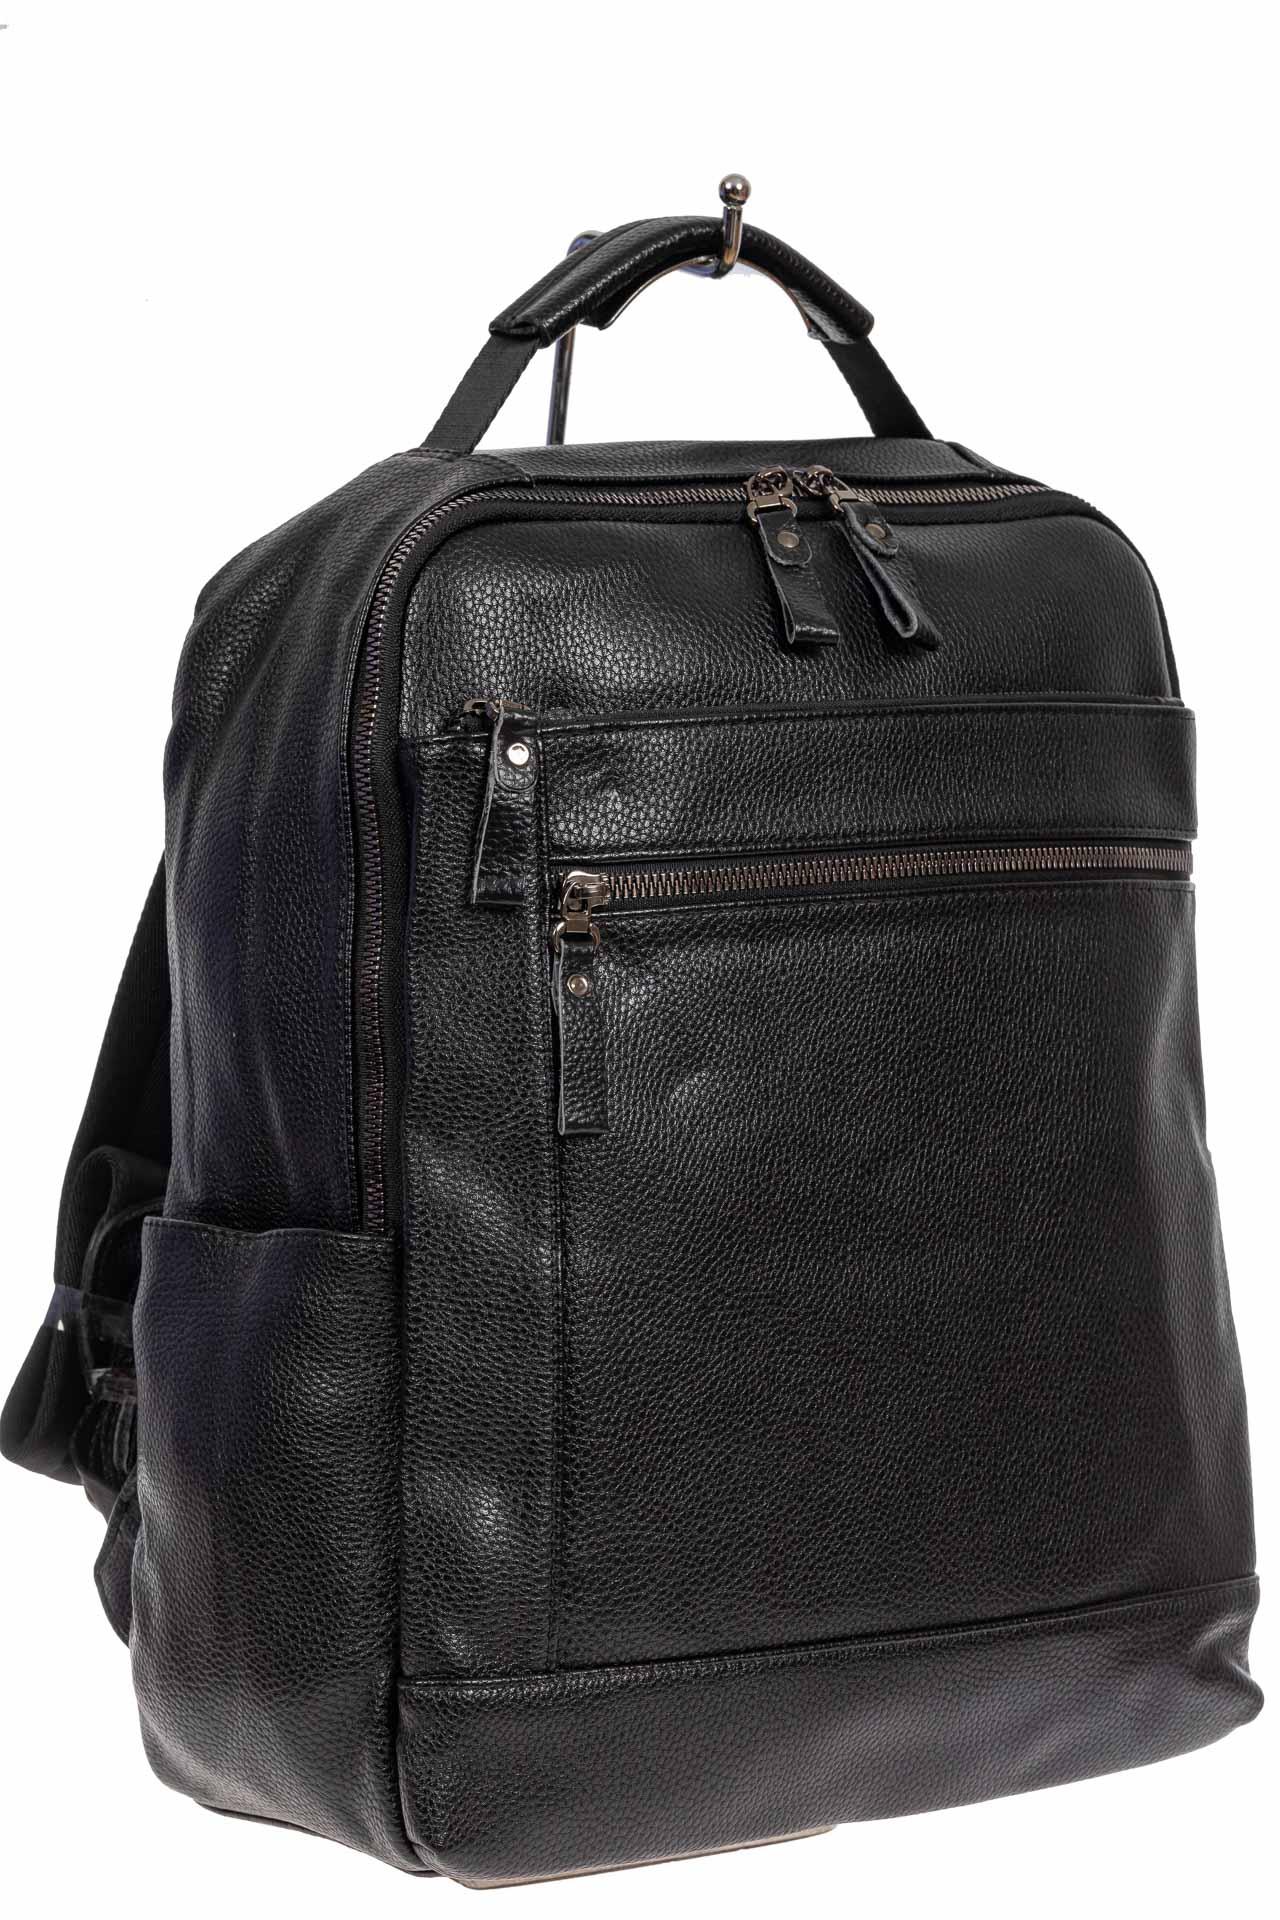 Мужской городской рюкзак из экокожи, цвет чёрный